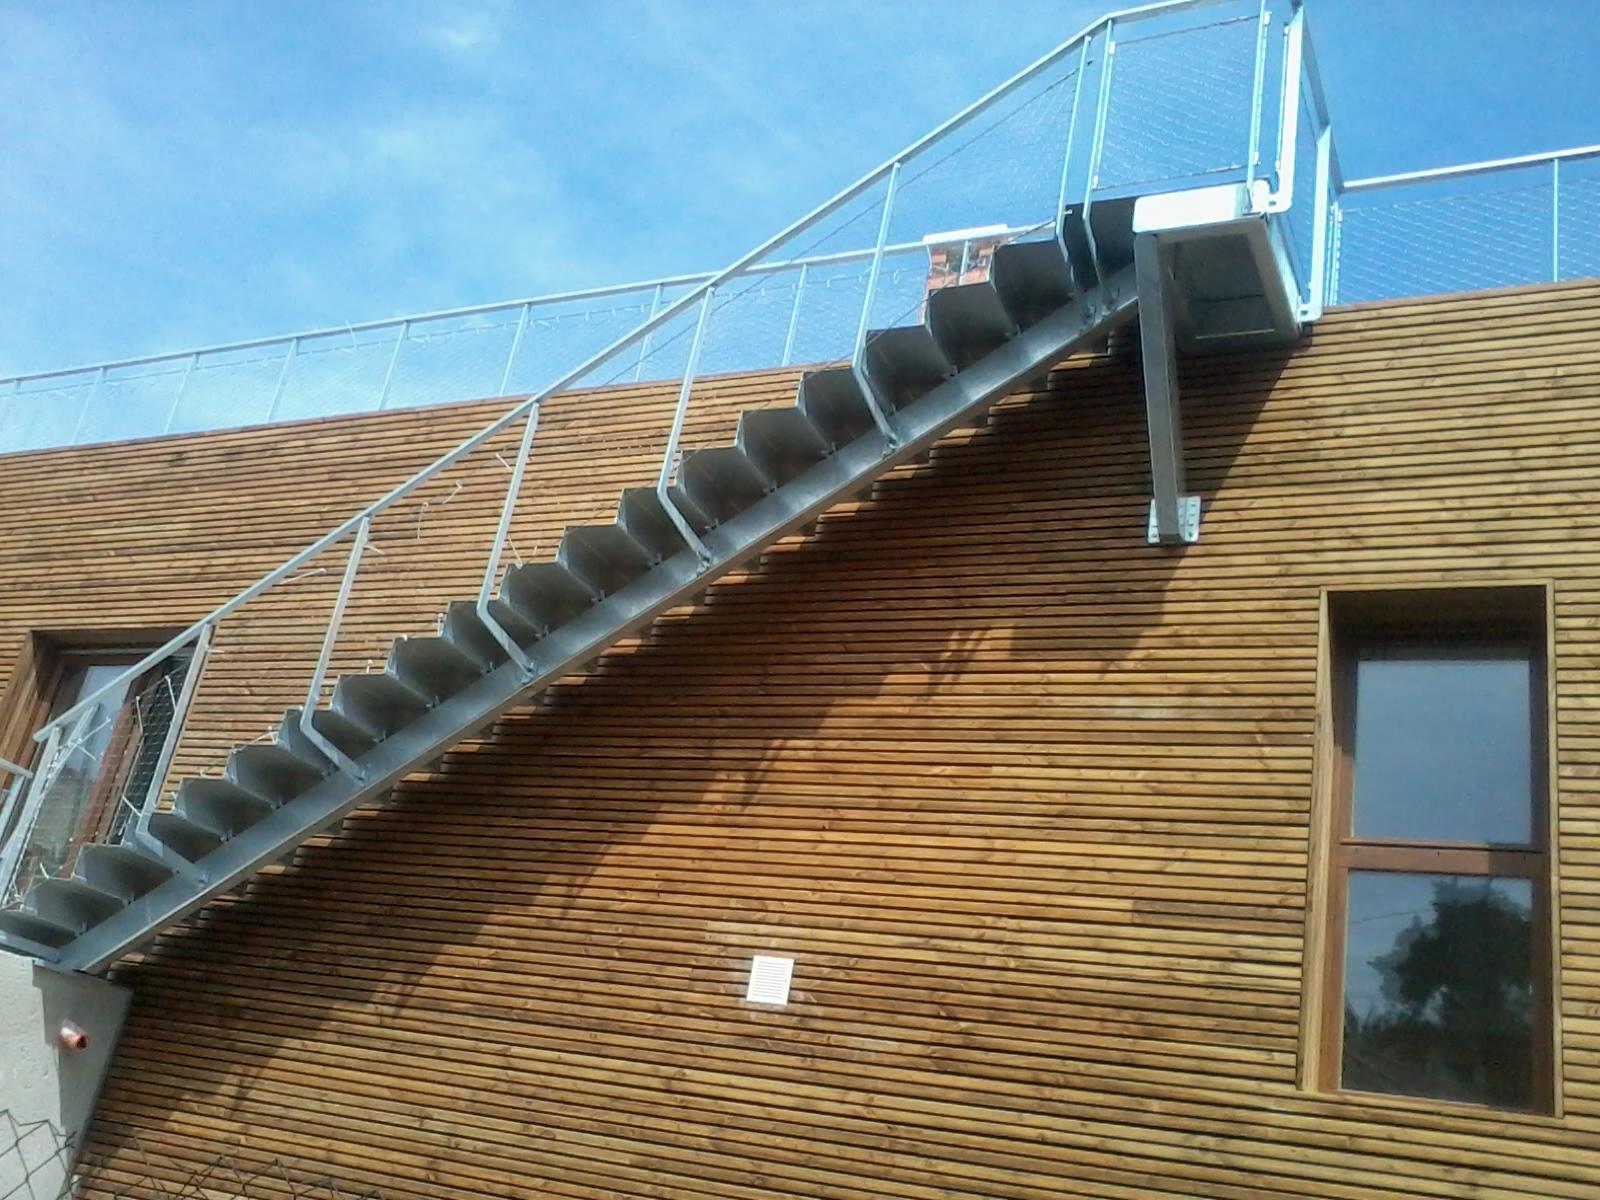 https://www.mon-artisan-ferronnier.com/wp-content/uploads/2021/04/escalier10.jpeg